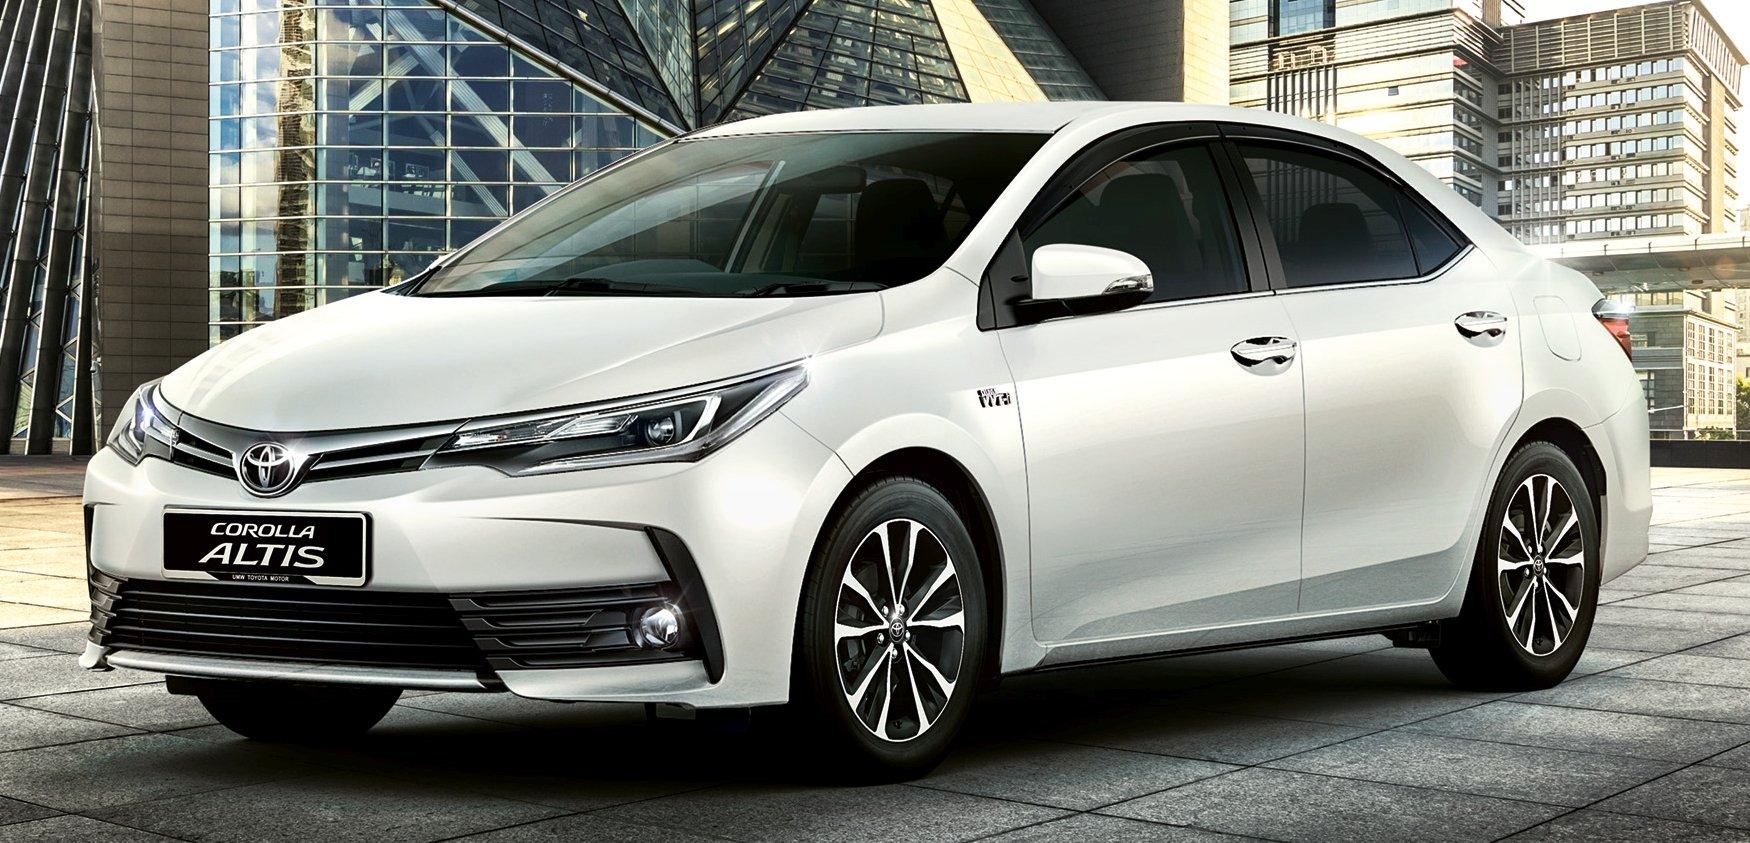 2016 Toyota Corolla Altis Facelift Umw Toyota Opens